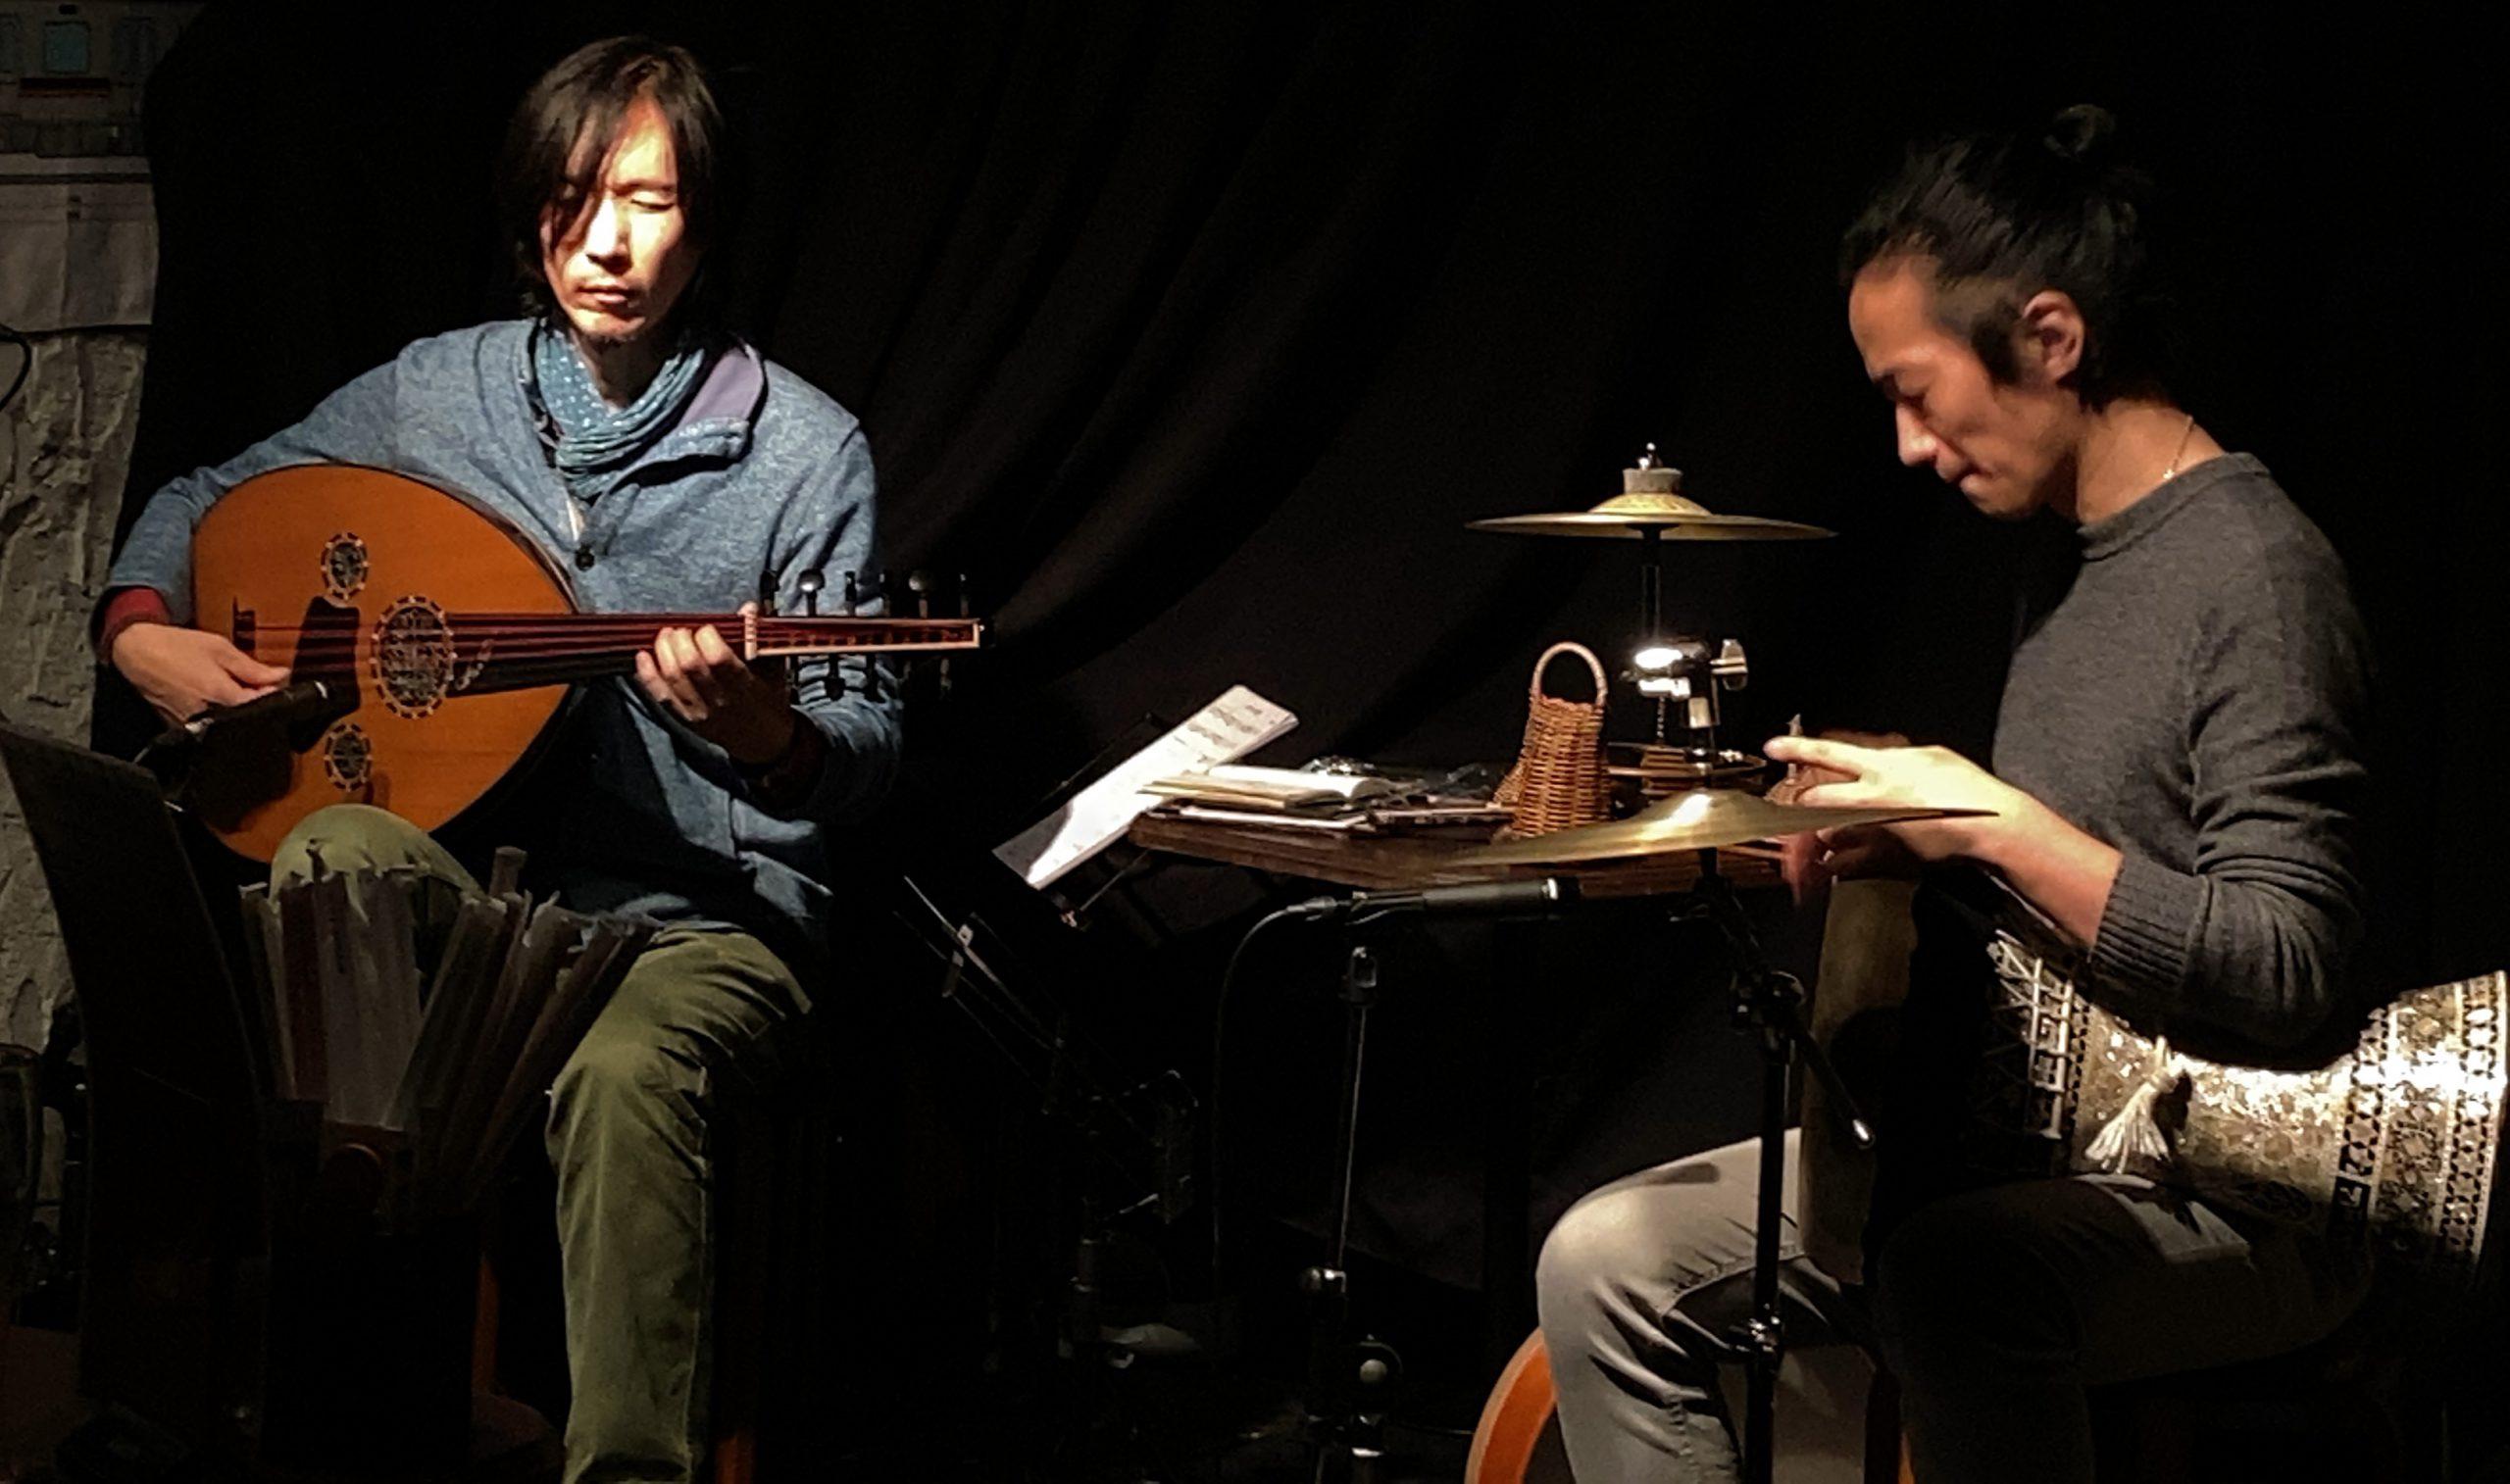 2/26(金)18:50〜【Rüsva】加藤 吉樹  森内 清敬  DUO